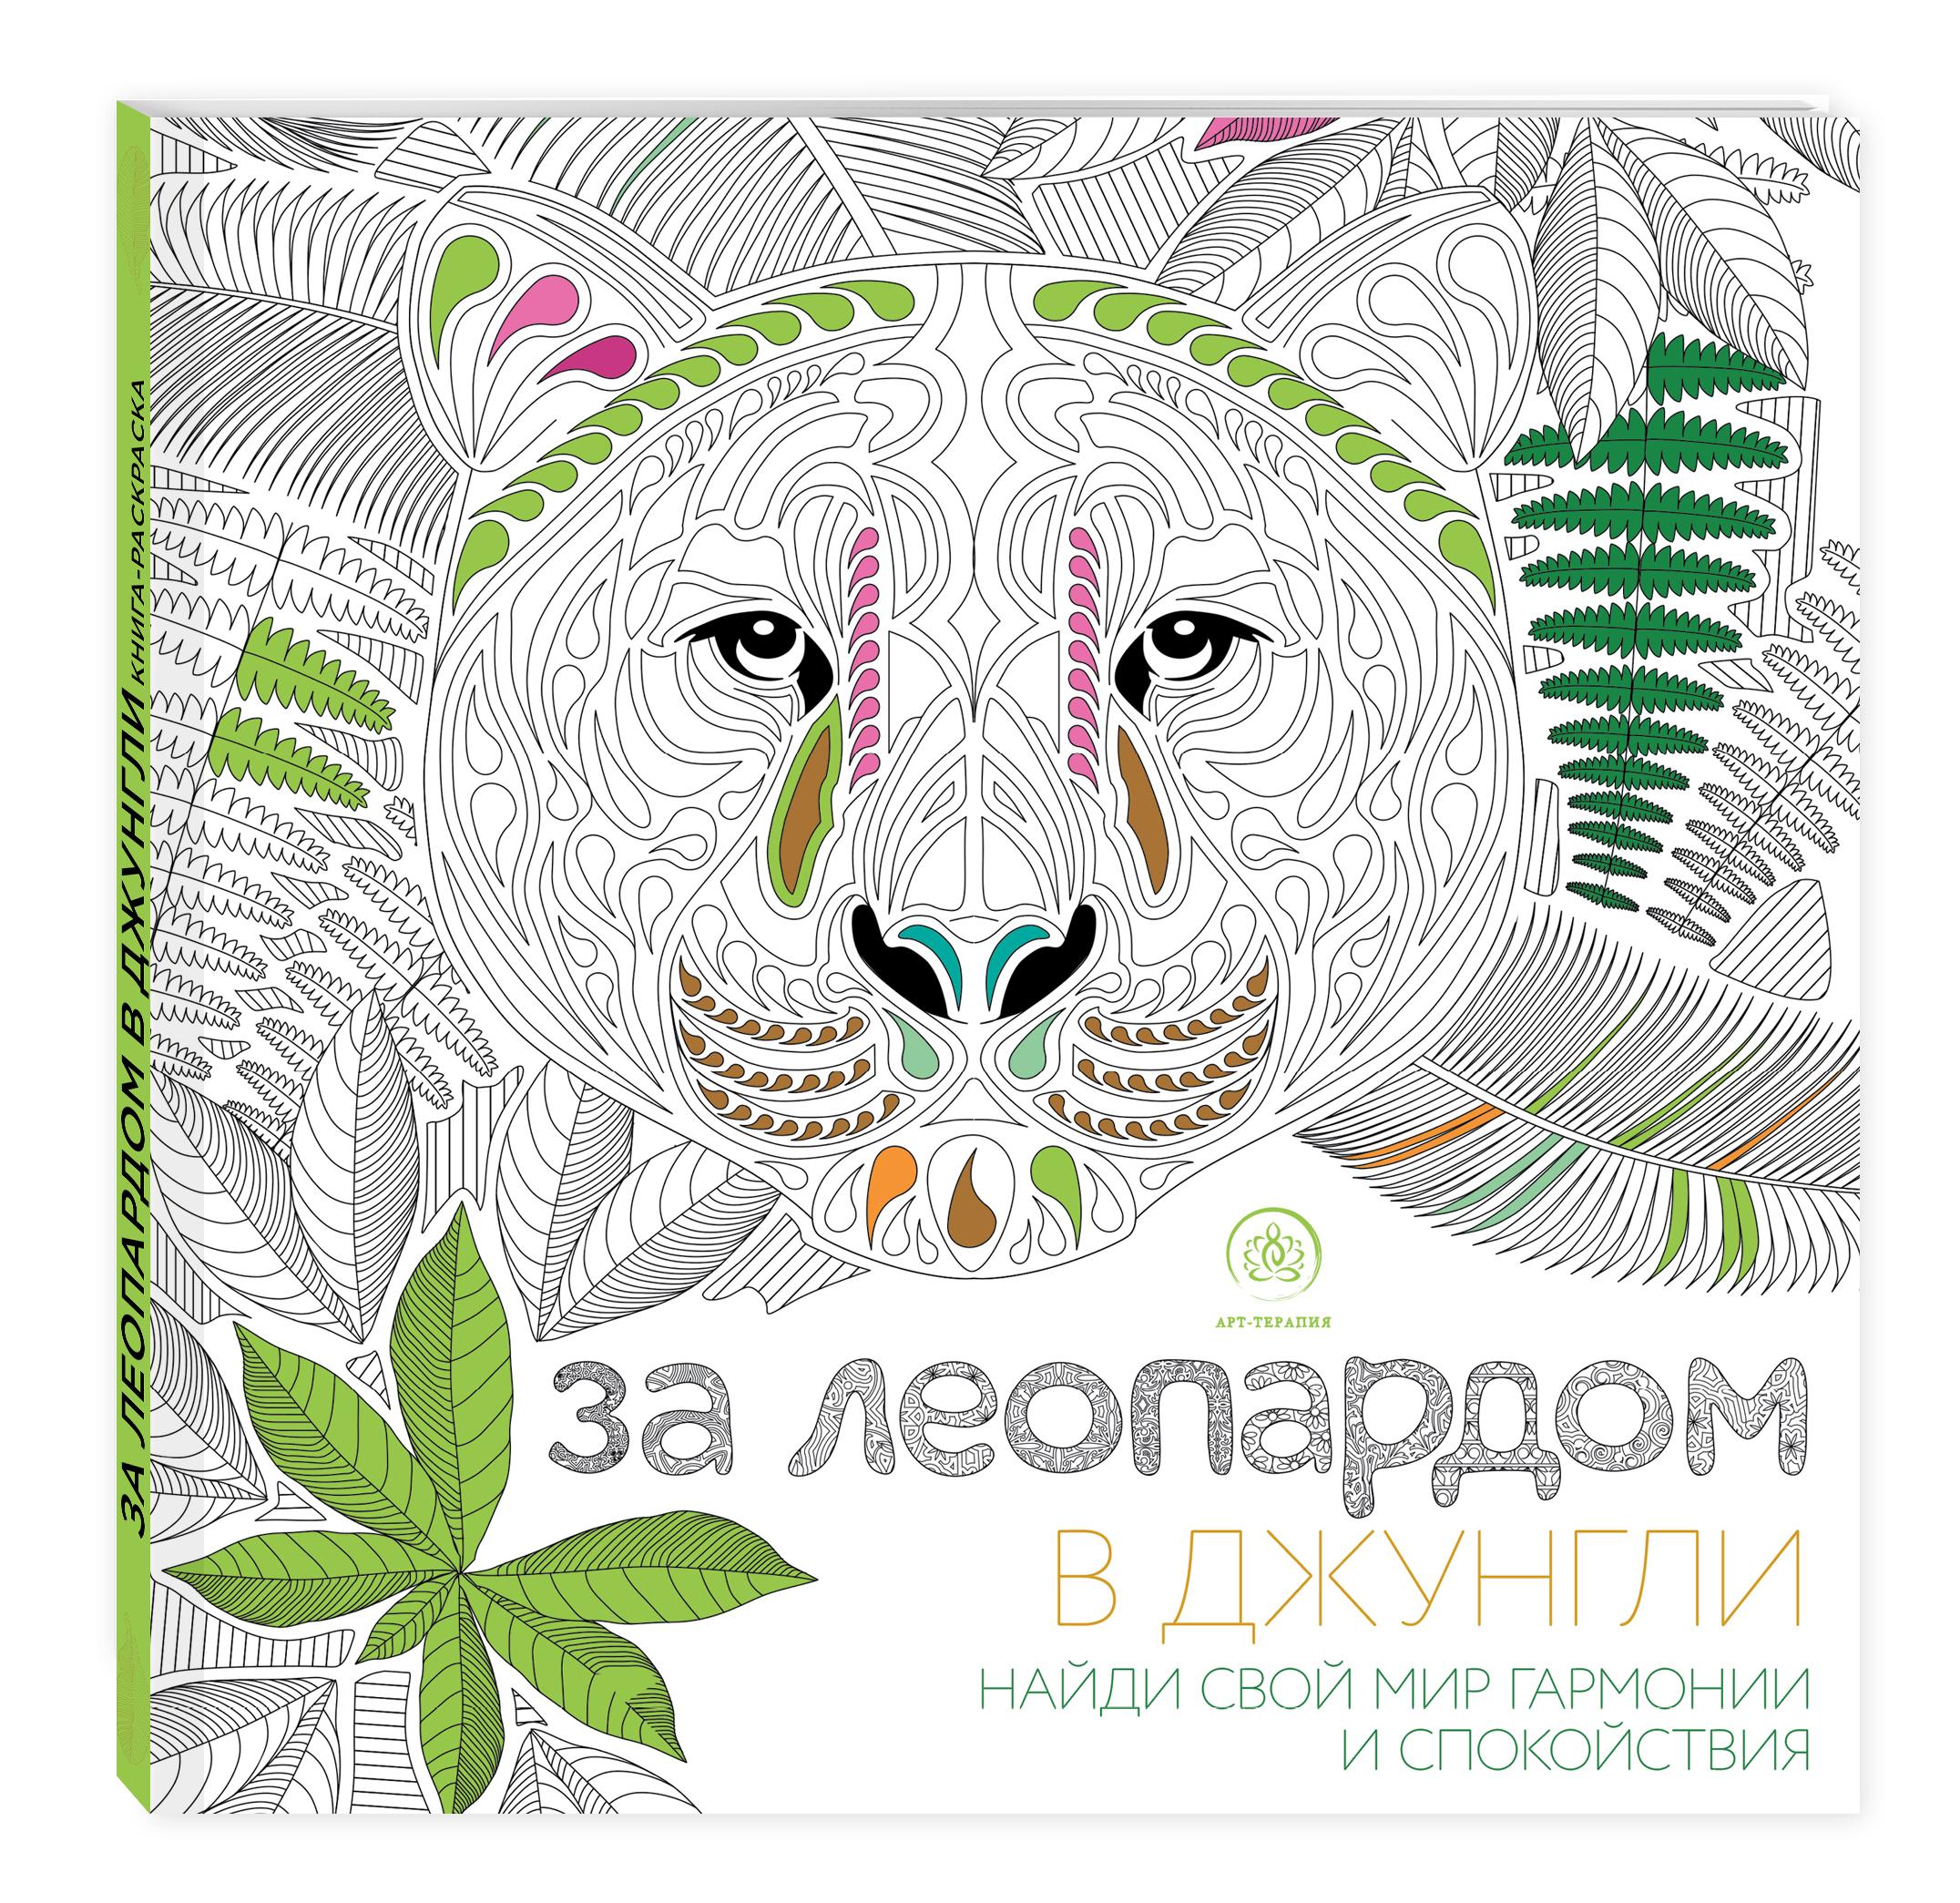 За леопардом в джунгли (квадратный формат, белая обложка)